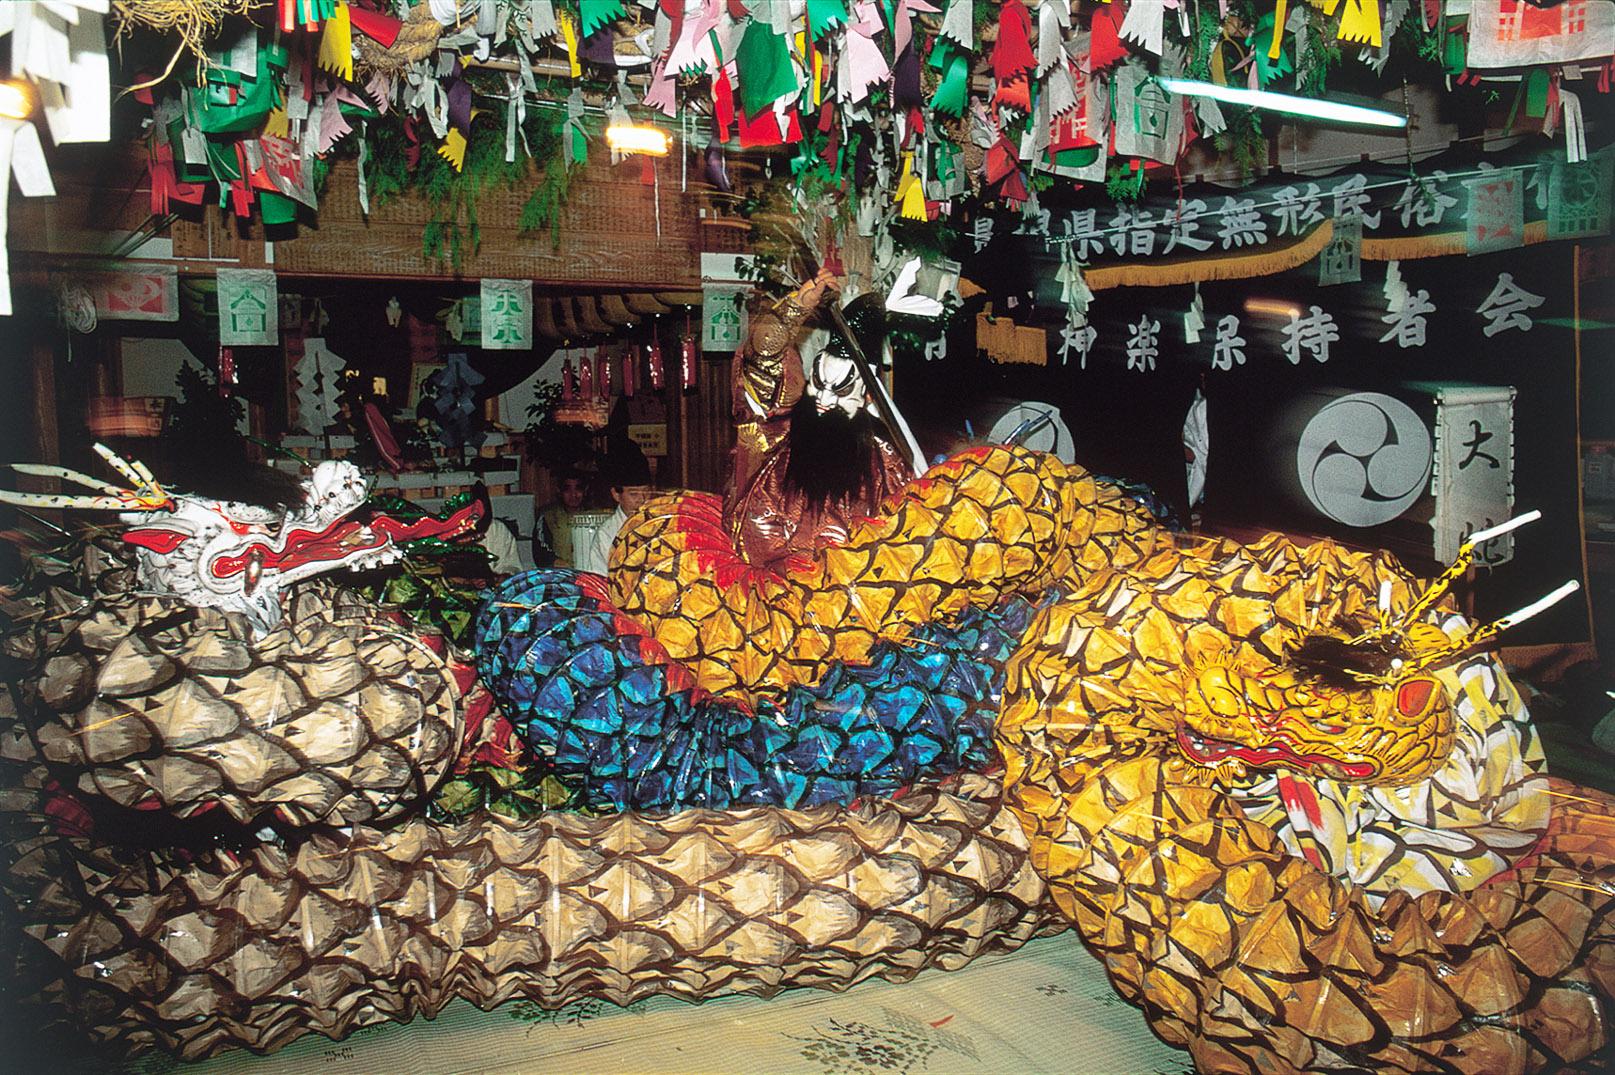 ヤマタノオロチ―島根県の石見神楽の演目「大蛇(おろち)」。スサノオが大蛇を退治する様子が再現される。